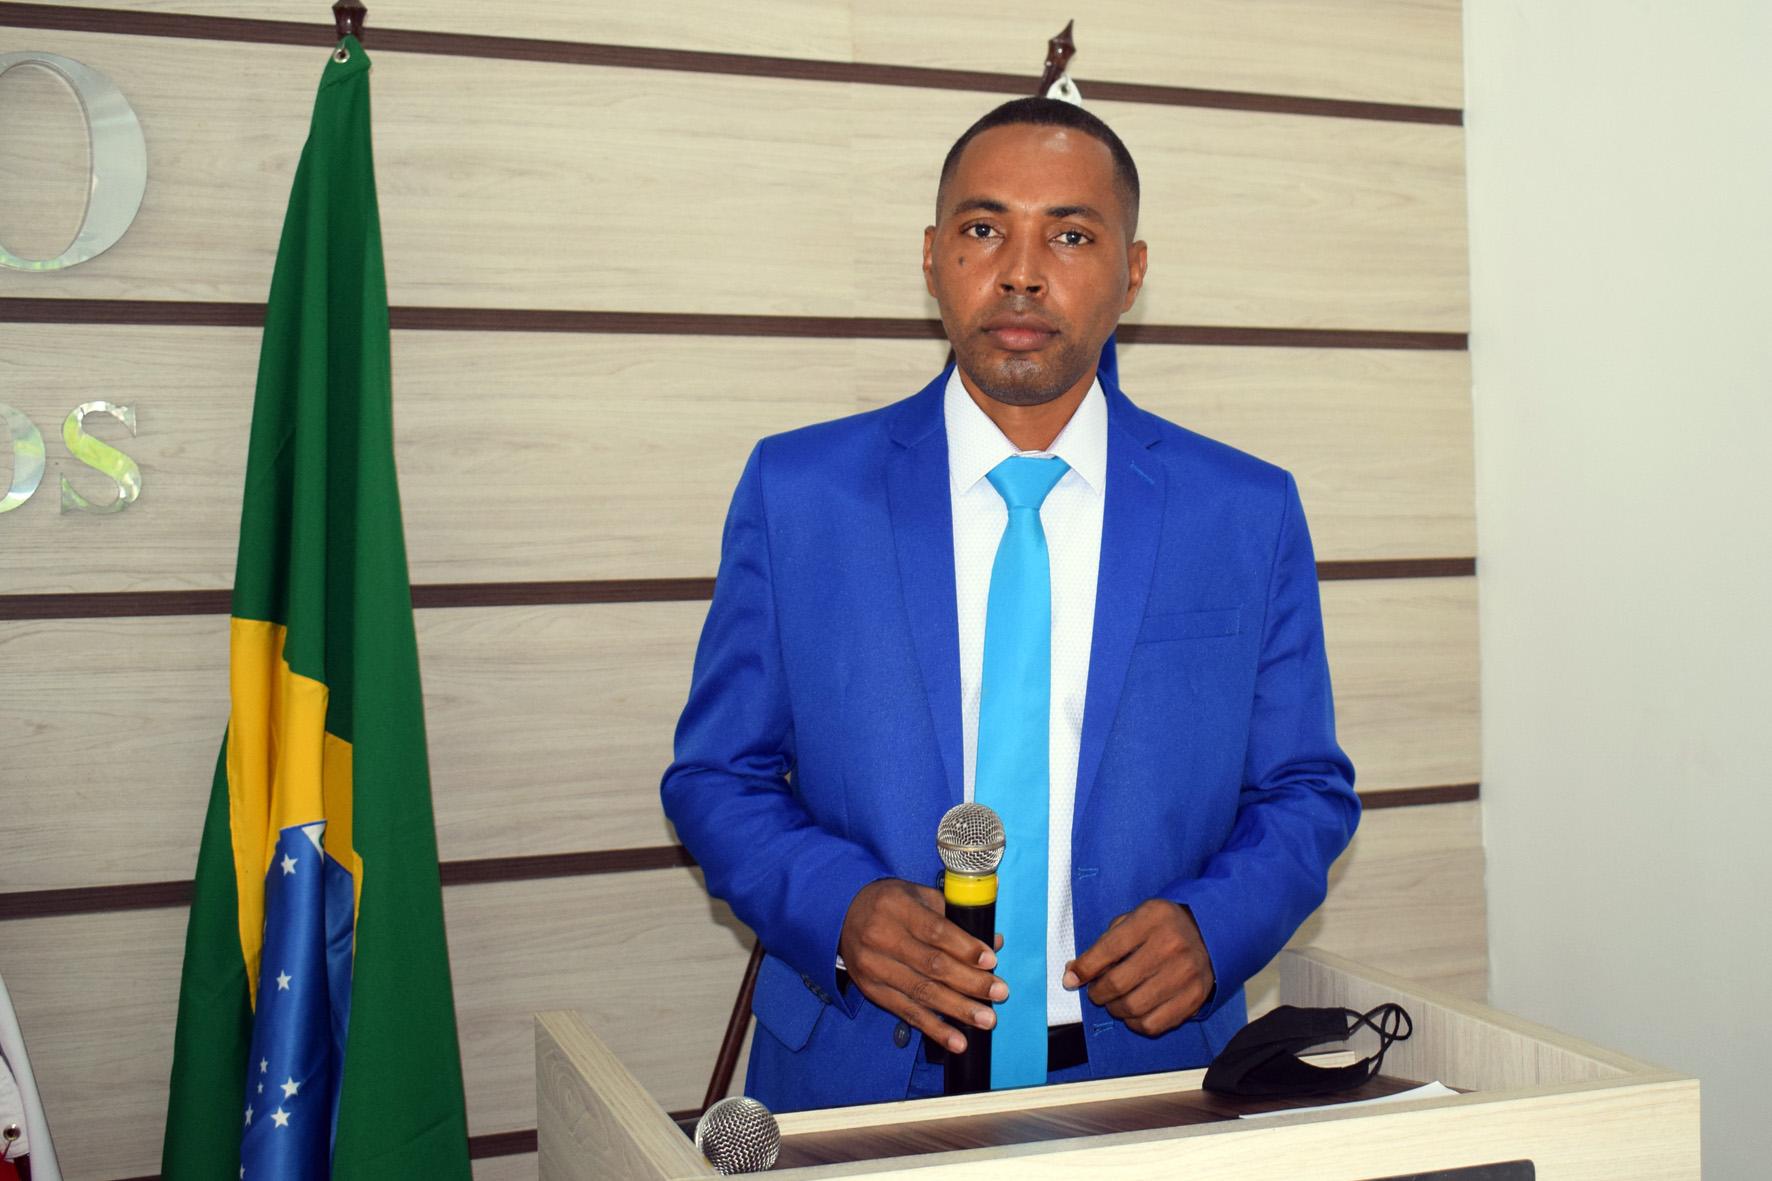 Vereador Léo do Mandacaru parabeniza Secretaria de Educação pela entrega dos Kits de Alimentação Escolar em Baixa Grande